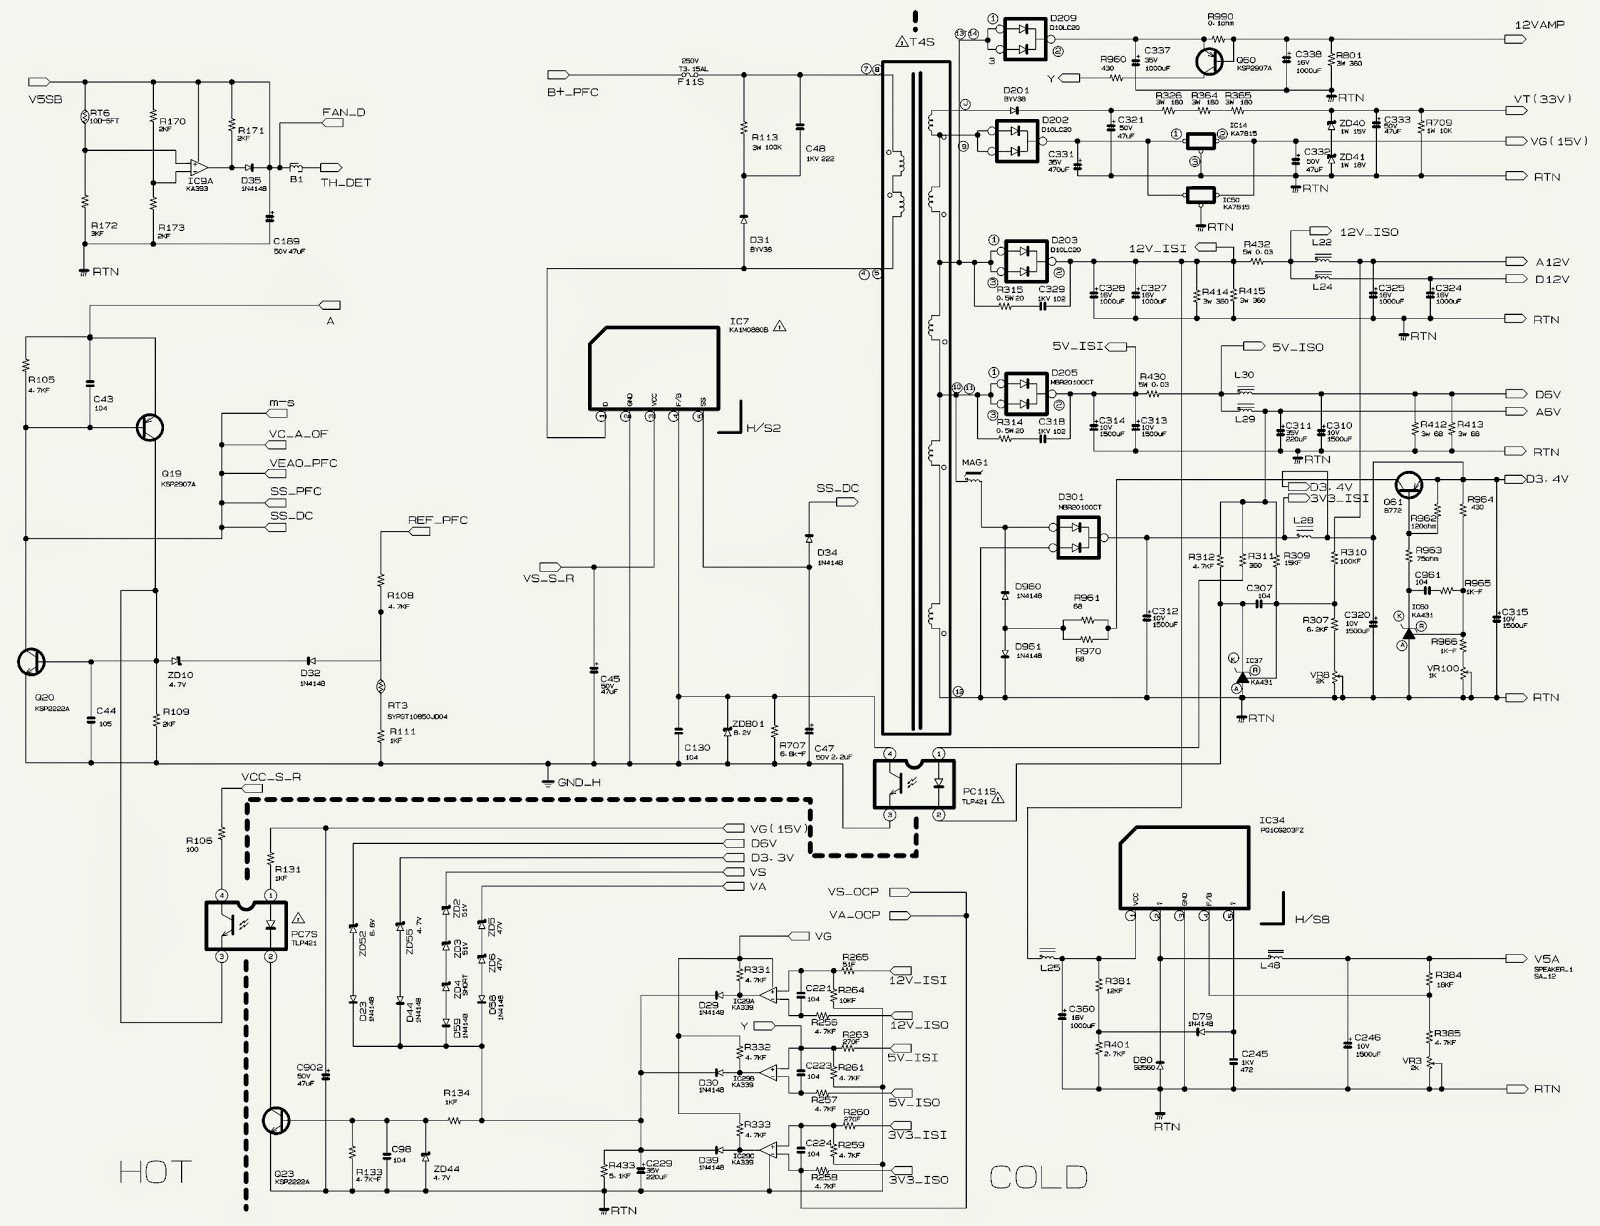 Samsung B4k 5 Bn96 Smps Schematic